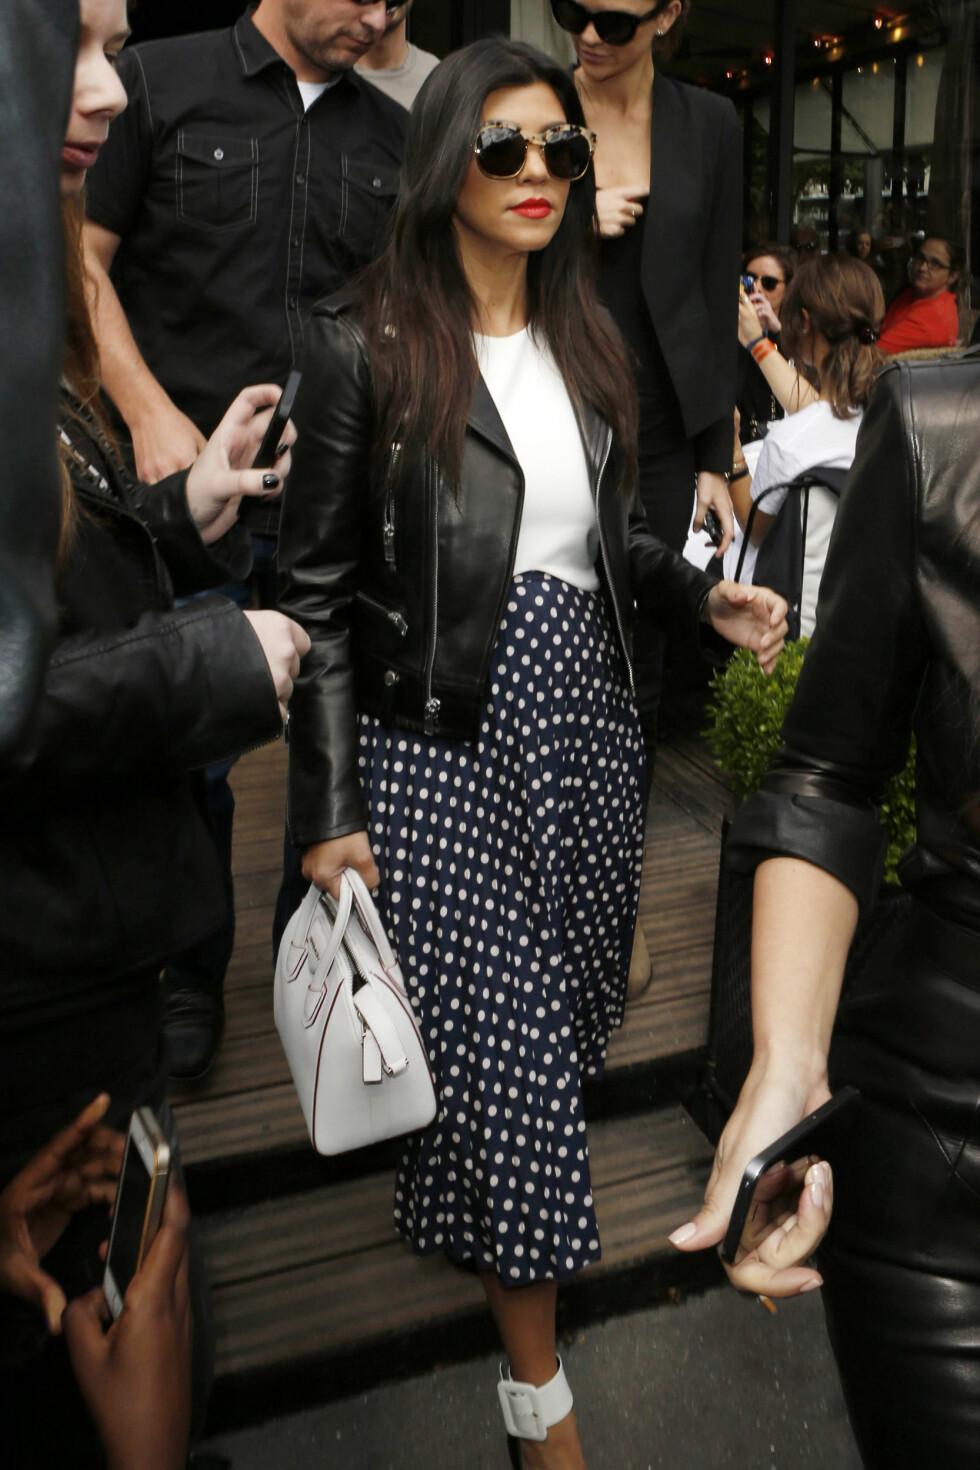 Kourtney Kardashian satser på store briller for en glamorøs look. Foto: All Over Press